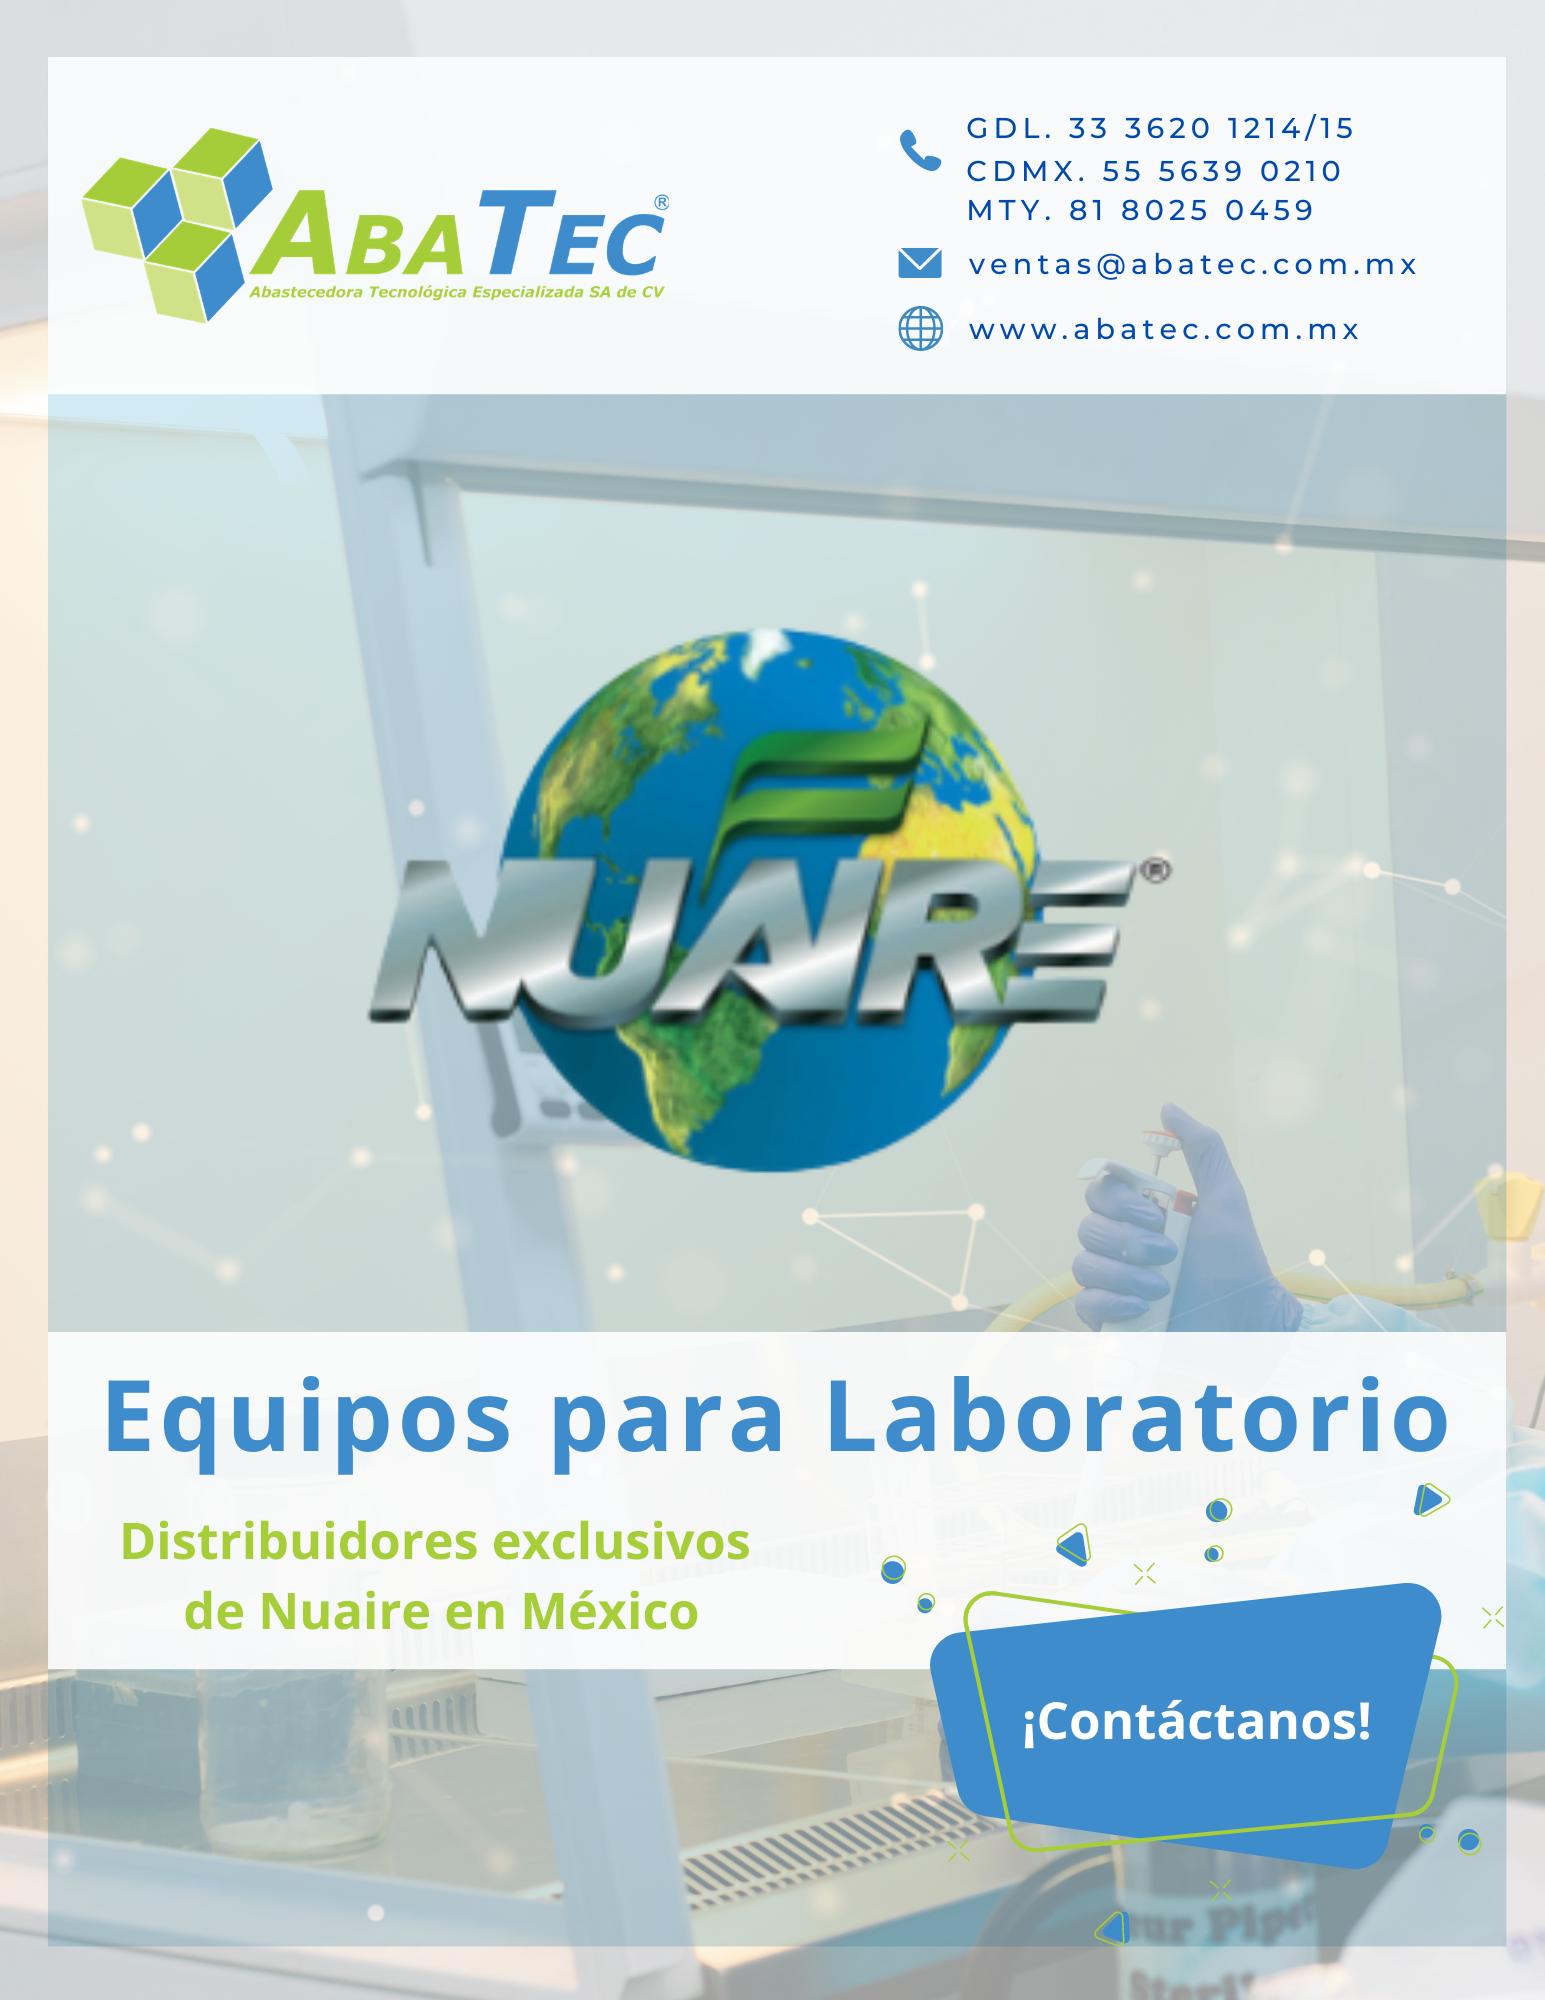 Catálogo de Equipo de Laboratorio Nuaire